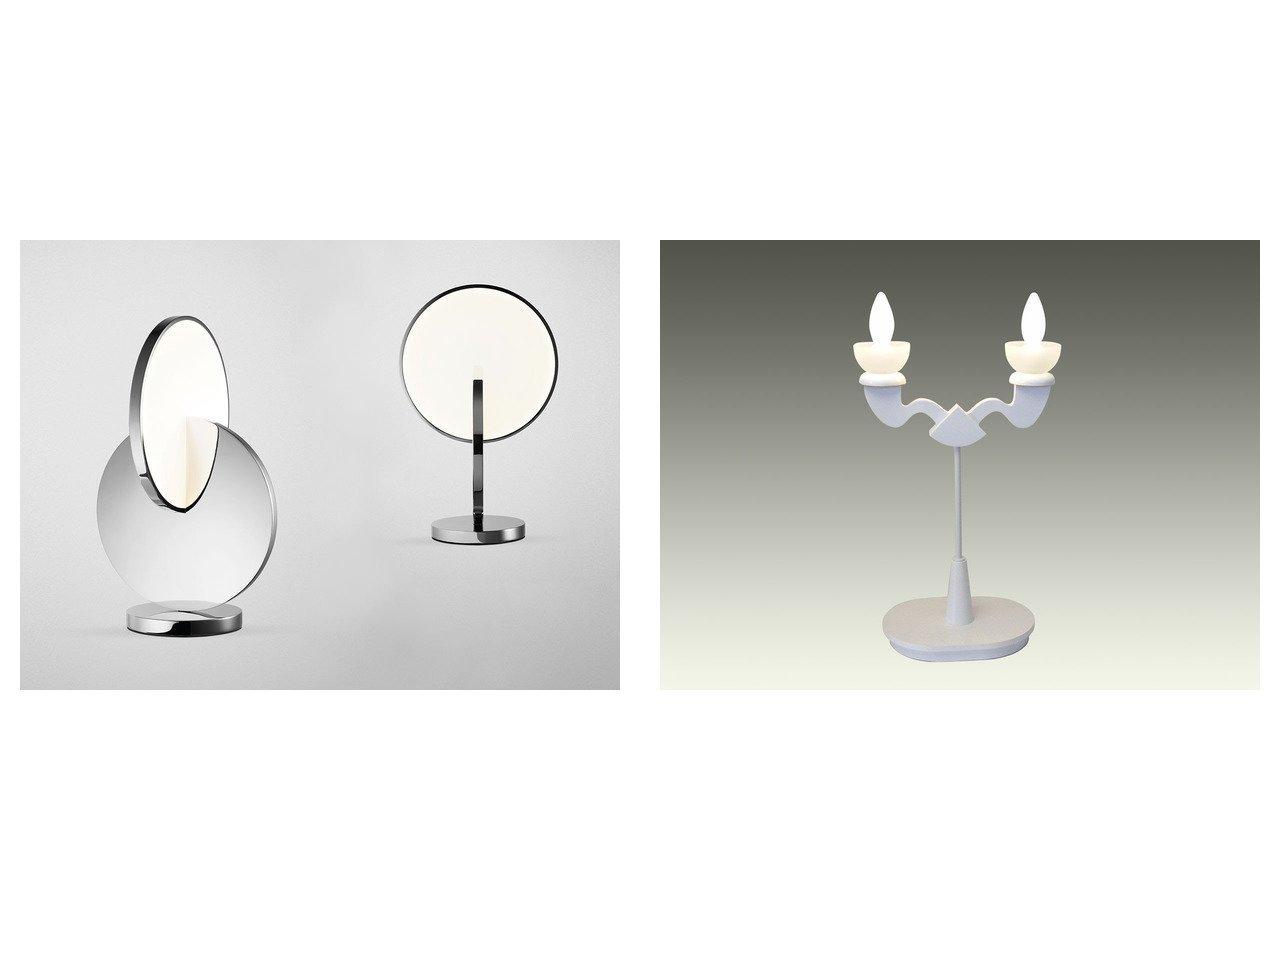 【LEE BROOM/リーブルーム】のエクリプス テーブル&【FLYMEe Blanc/フライミー ブラン】のテーブルライト #1620 【FURNITURE ライト・照明】おすすめ!人気、インテリア雑貨・家具の通販 おすすめで人気の流行・トレンド、ファッションの通販商品 インテリア・家具・メンズファッション・キッズファッション・レディースファッション・服の通販 founy(ファニー) https://founy.com/ 送料無料 Free Shipping テーブル フォルム モダン アクリル ホーム・キャンプ・アウトドア Home,Garden,Outdoor,Camping Gear 家具・インテリア Furniture ライト・照明 Lighting & Light Fixtures デスクライト・テーブルライト ホーム・キャンプ・アウトドア Home,Garden,Outdoor,Camping Gear 家具・インテリア Furniture ライト・照明 Lighting & Light Fixtures  ID:crp329100000052348